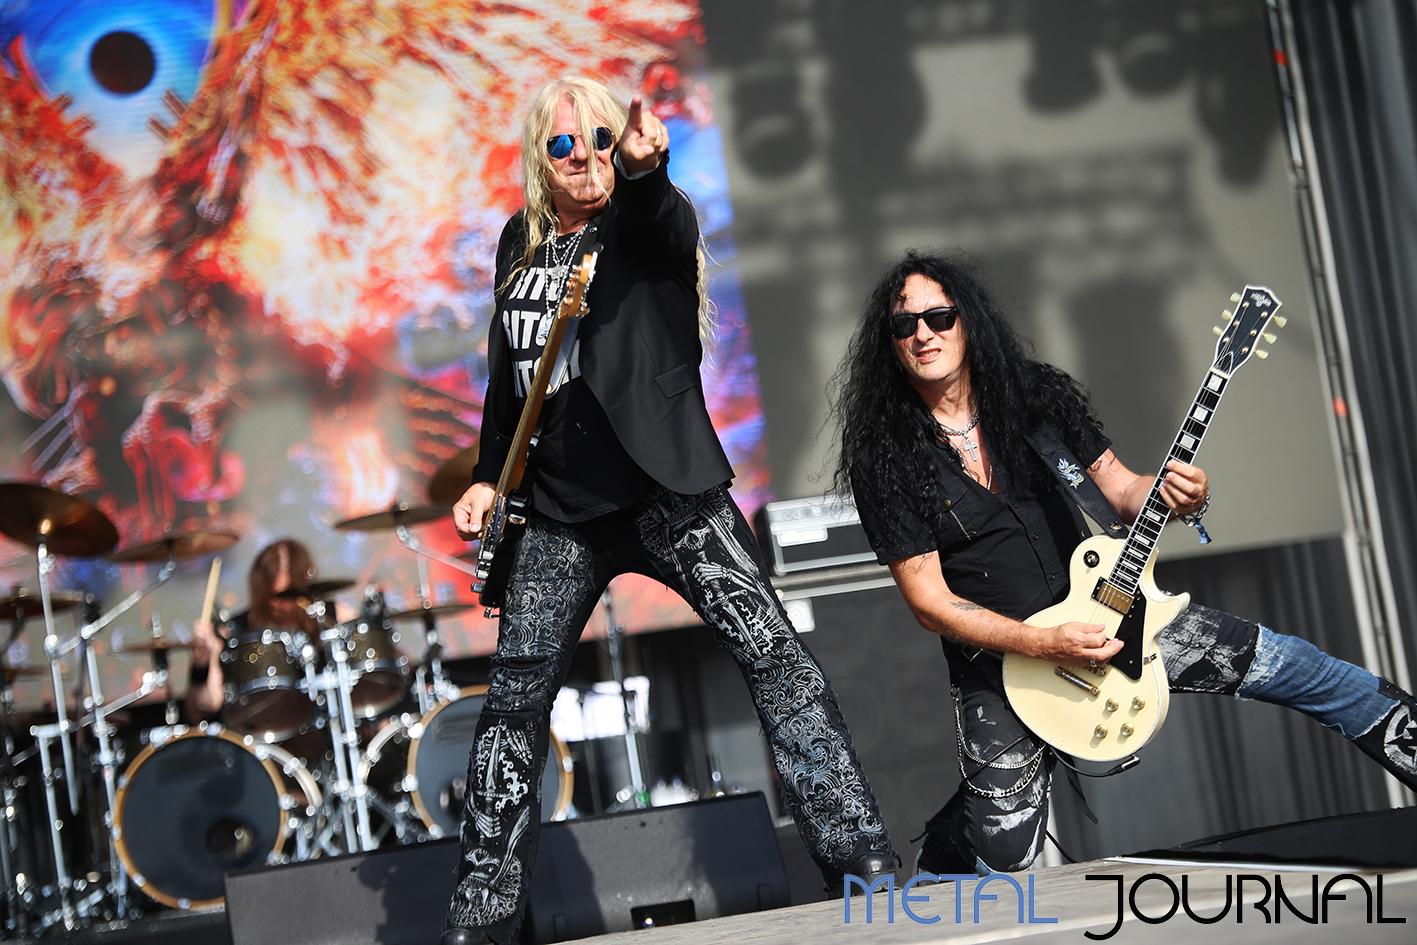 primal fear - metal journal rock fest barcelona 2019 pic 6